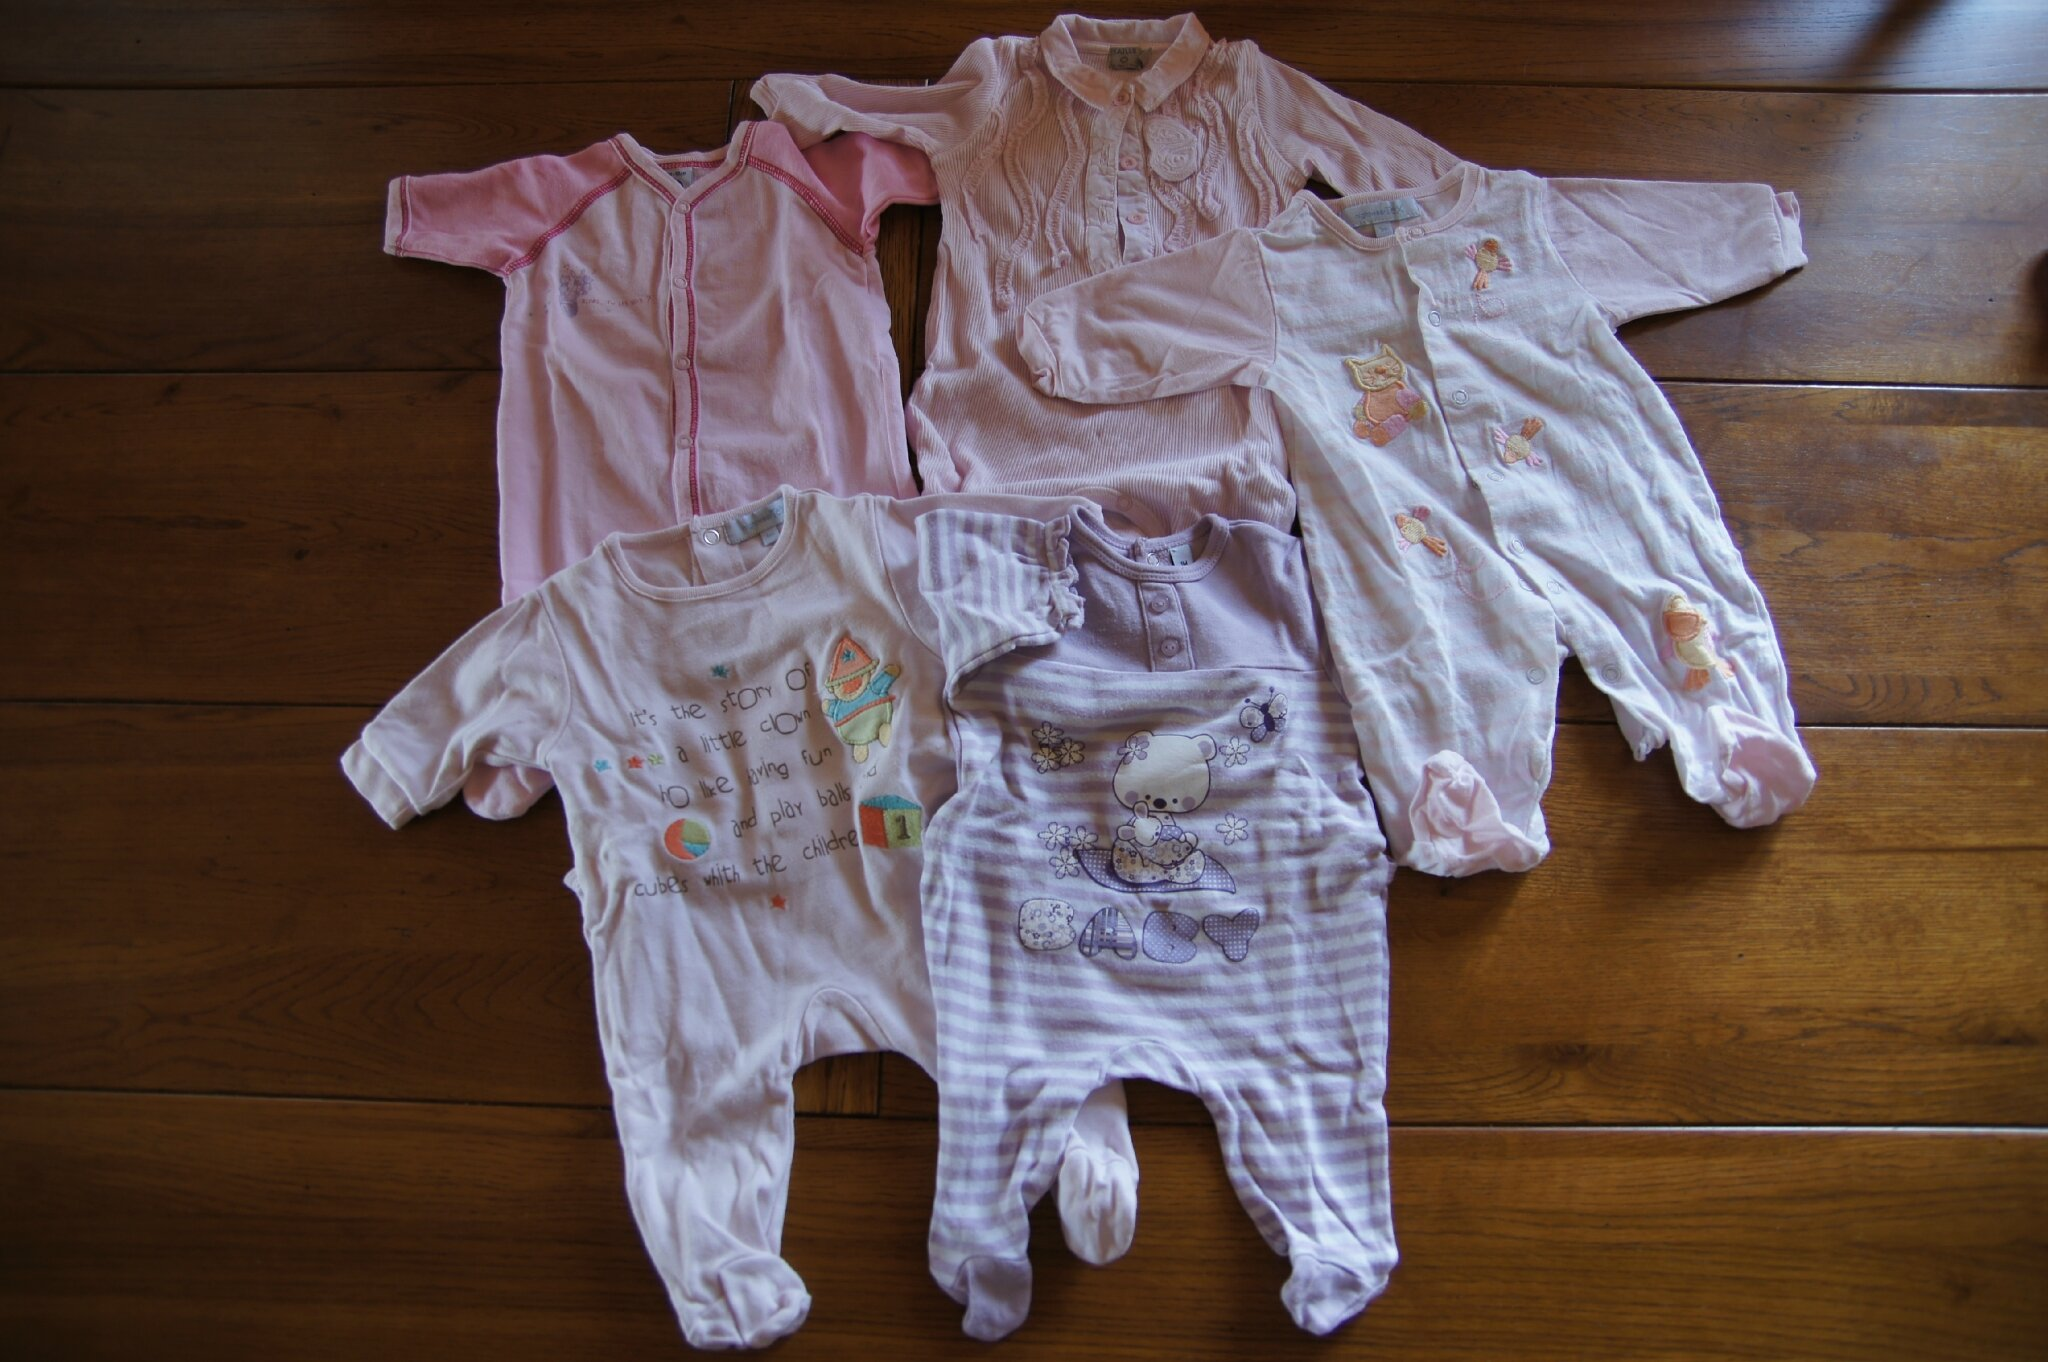 Vêtements bébé fille du naissance au 3 mois - Le vide sous-sol ce66d2c5651